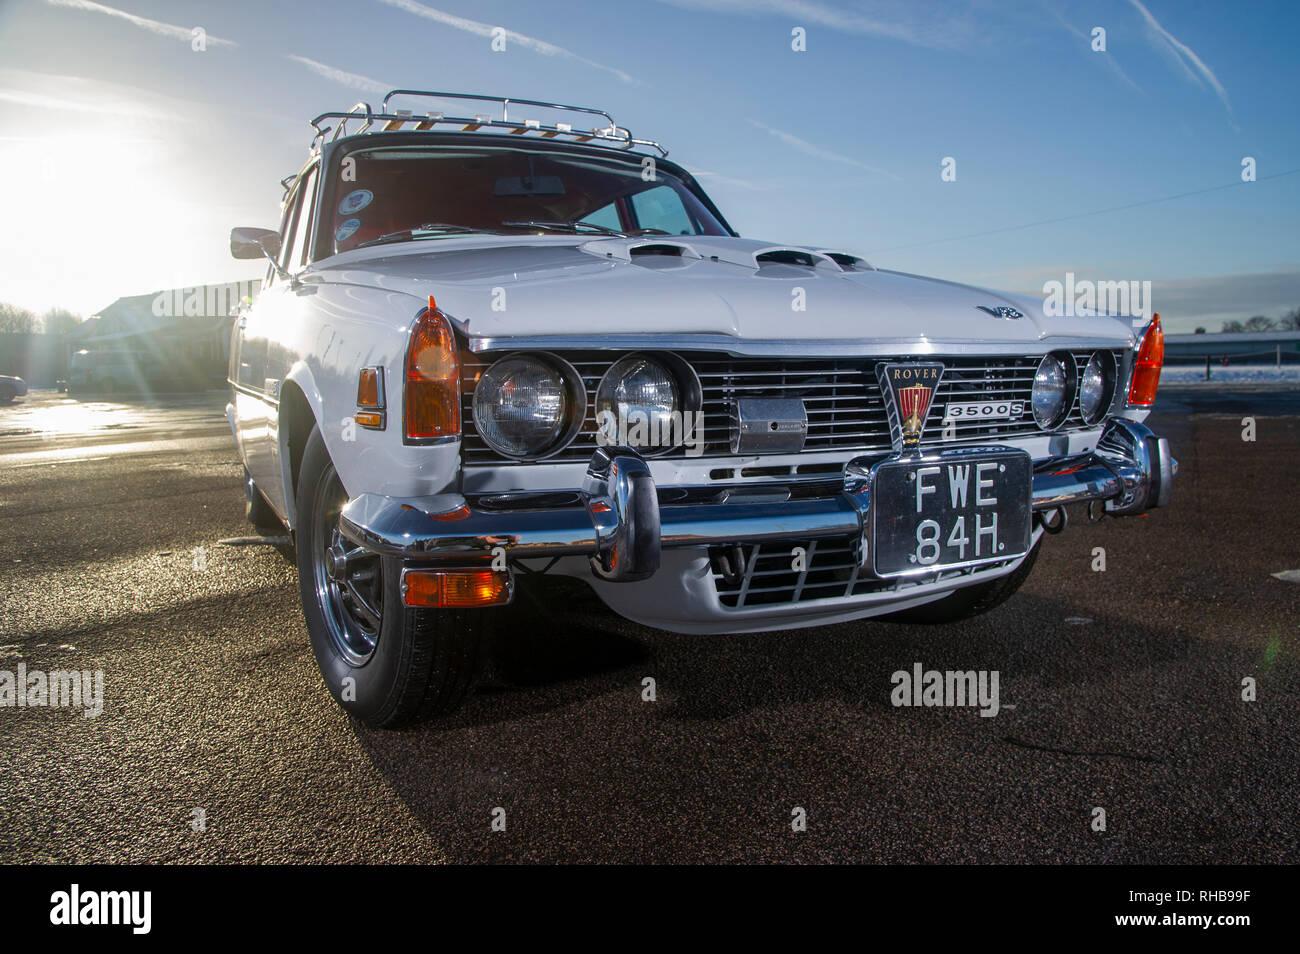 1970 NADA spec Rover 3500S (P6) - American spec classic Rover V8 saloon Stock Photo